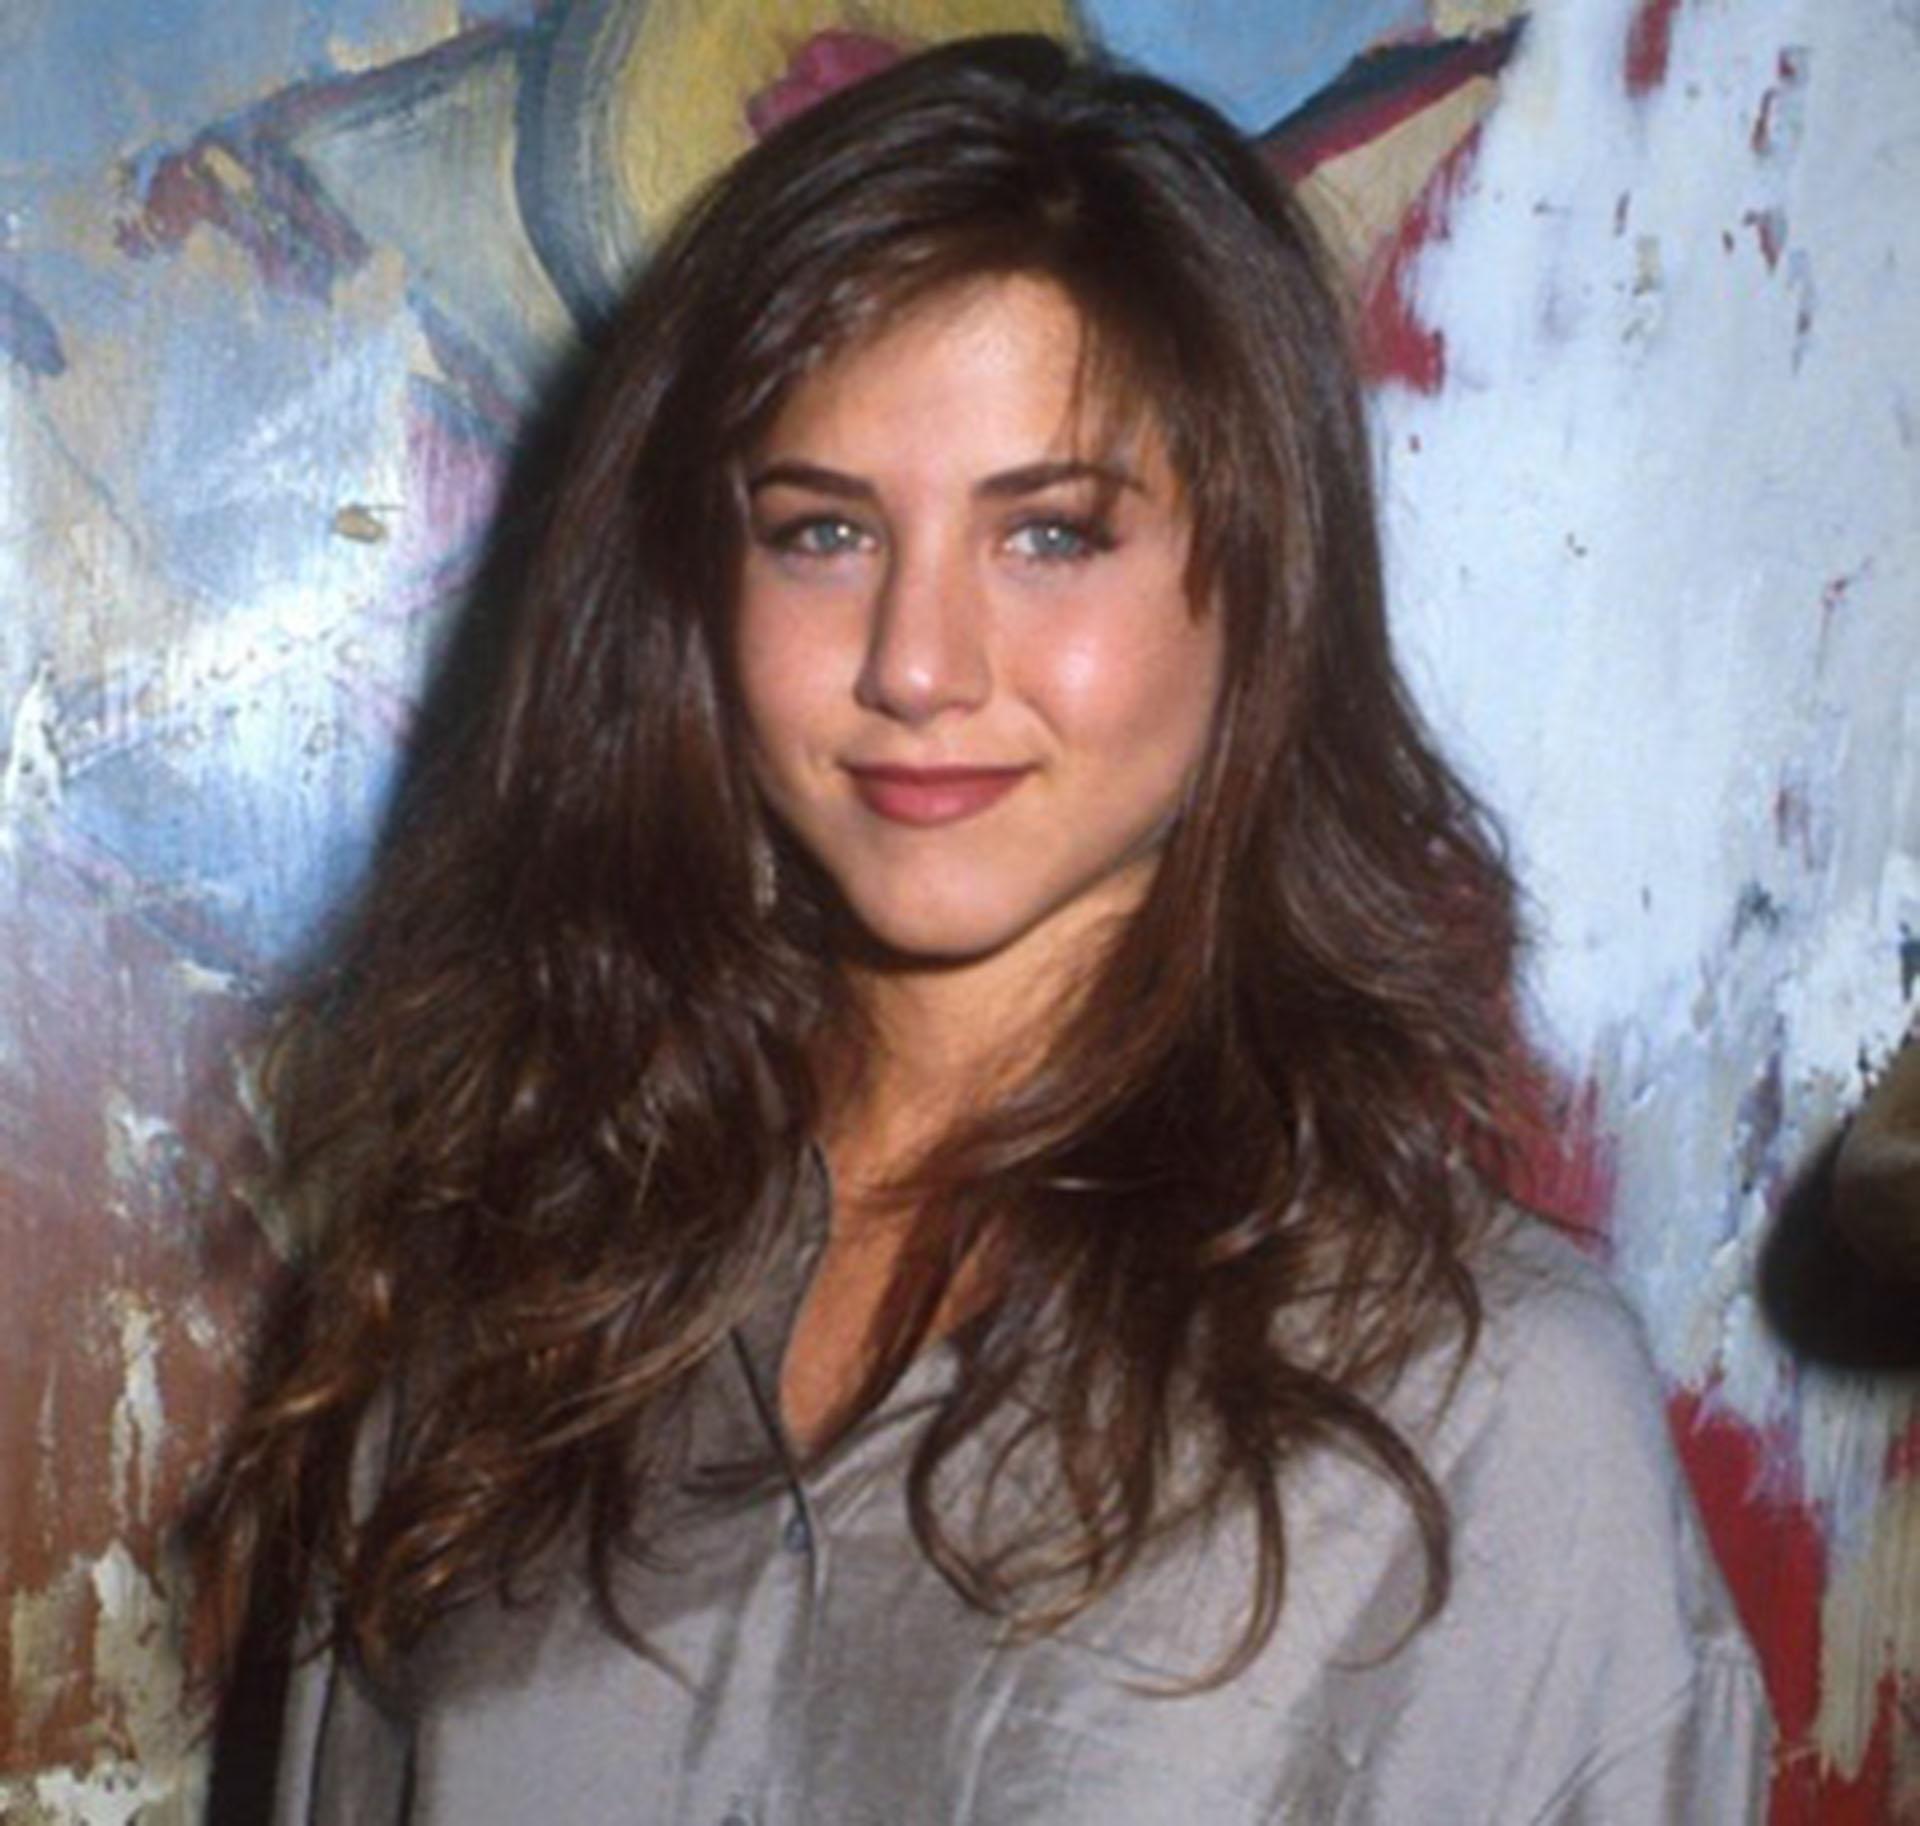 """Se convirtió en un ícono televisivo para siempre gracias a """"Friends"""" en los 90. Con 24 años de carrera, hoy sigue siendo la estrella más requerida en la industria"""